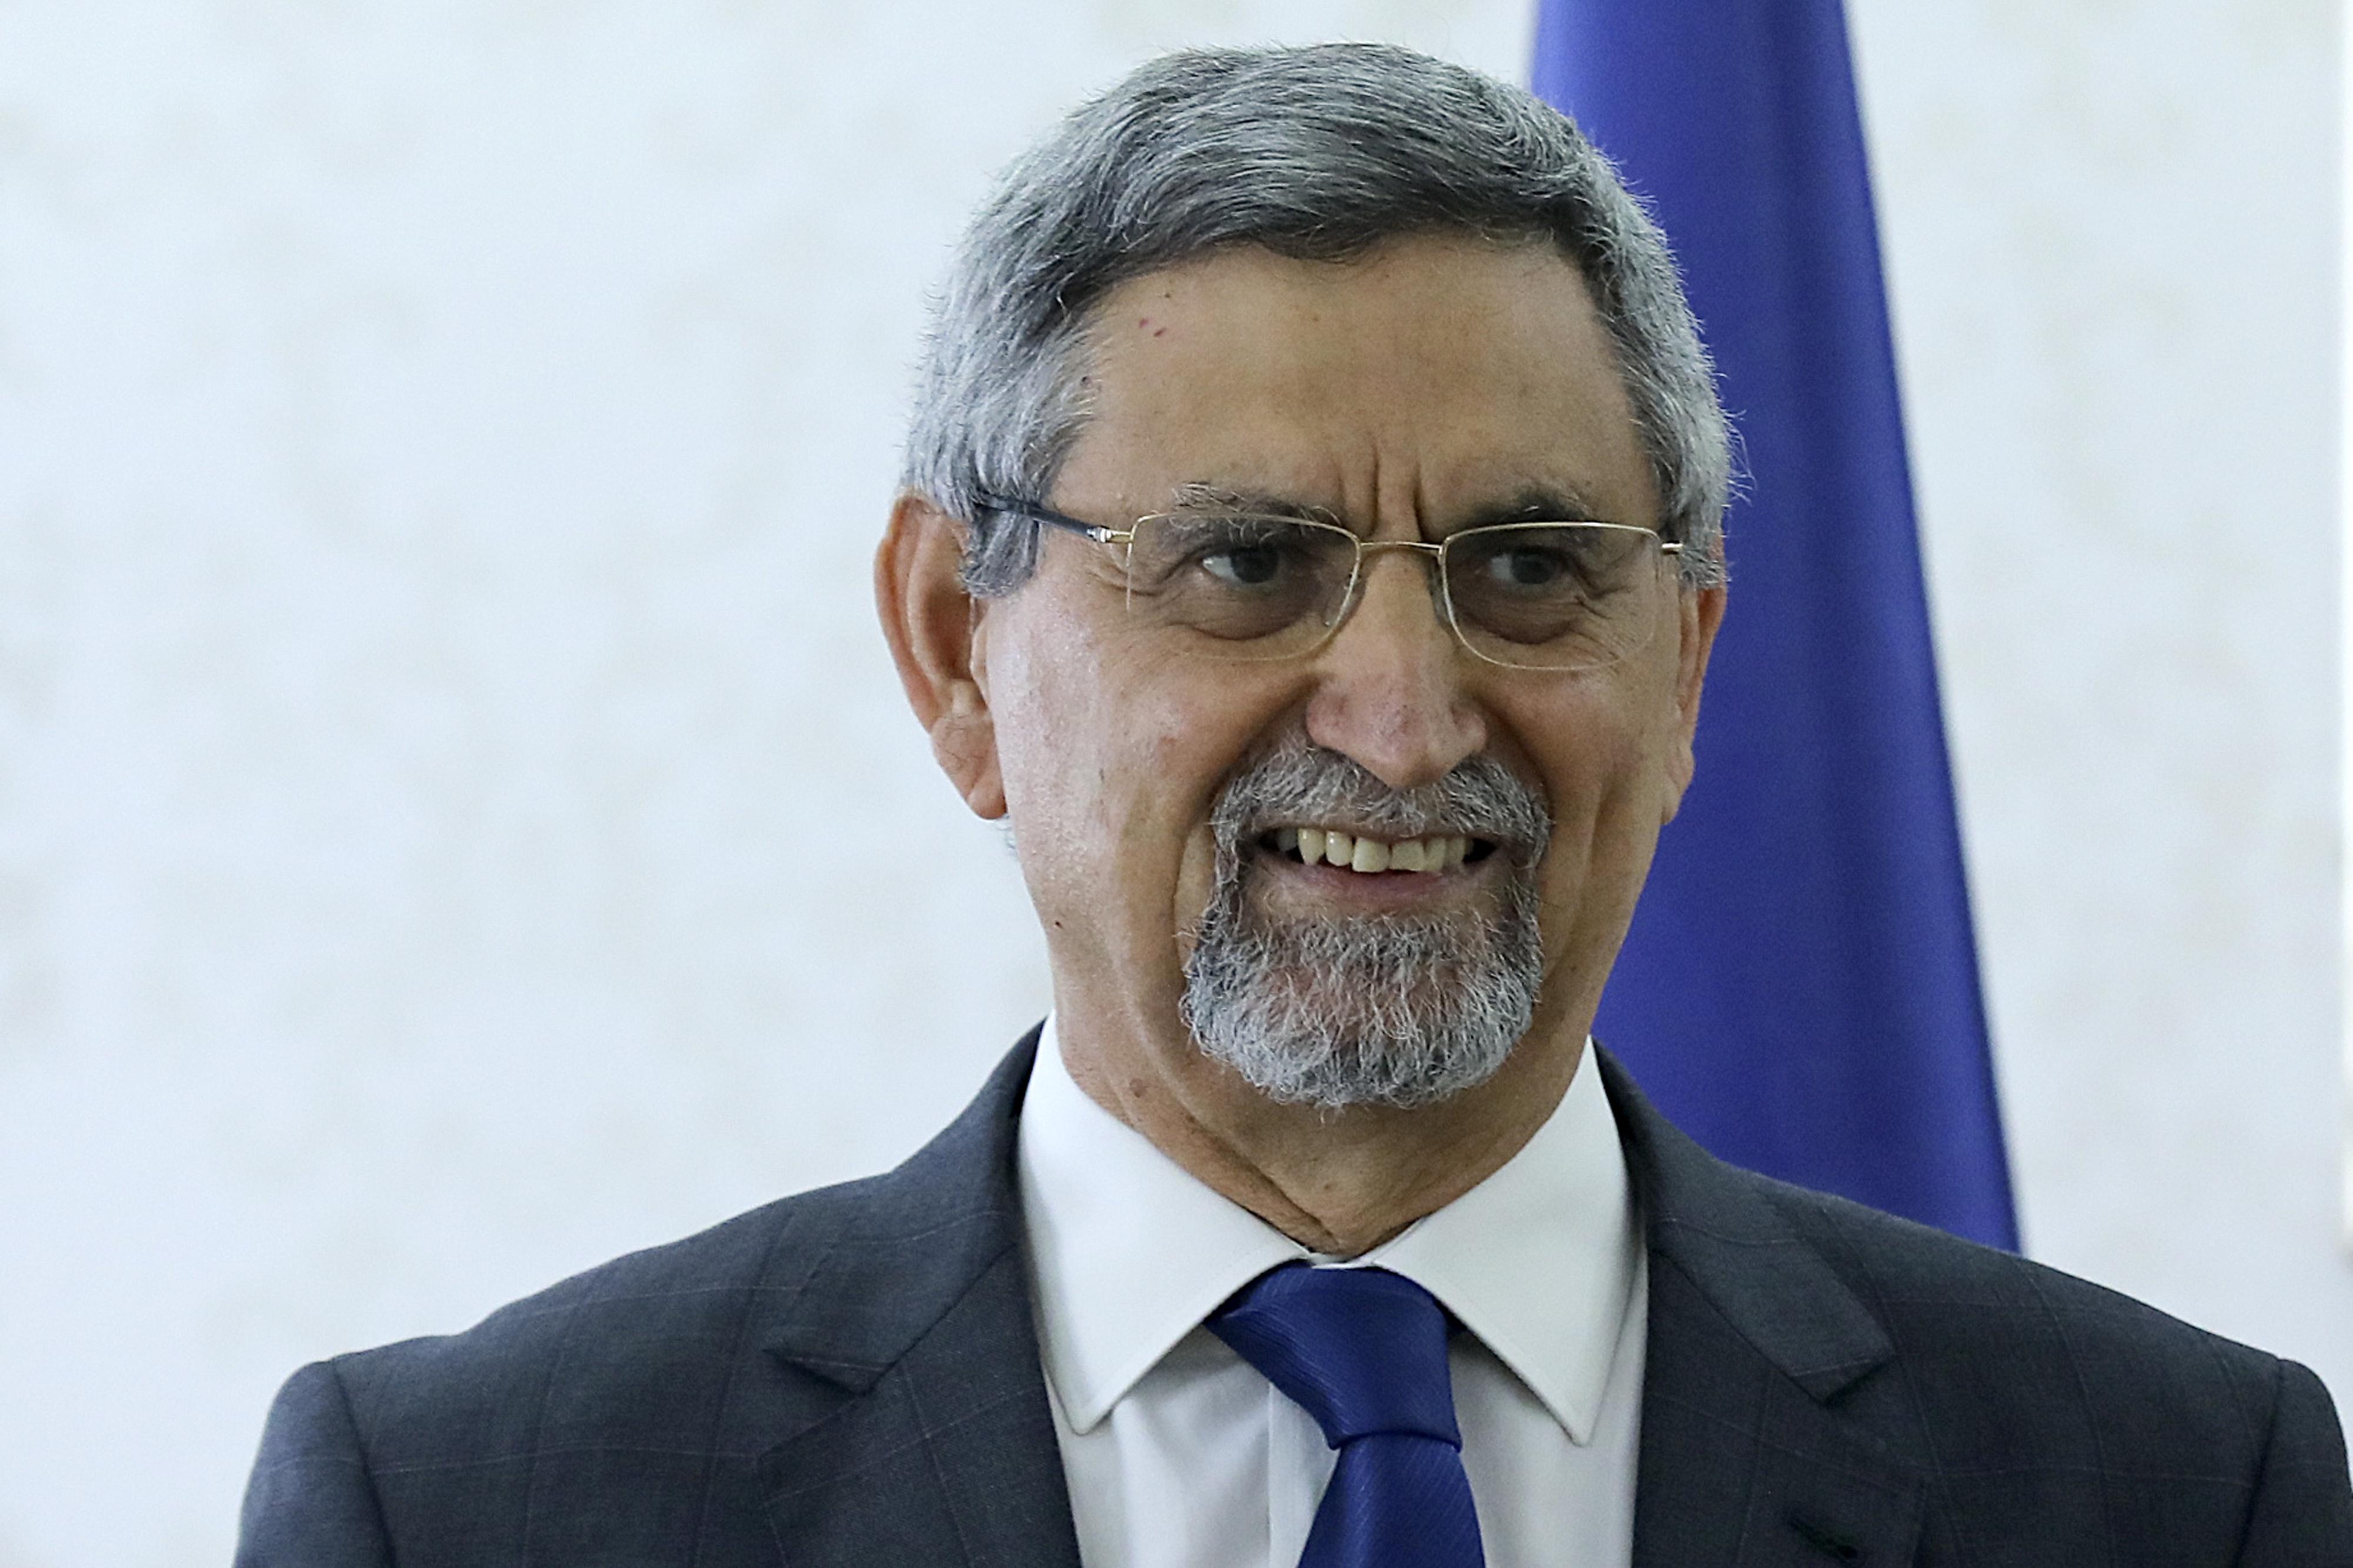 PR de Cabo Verde felicita Presidente eleito de Timor-Leste